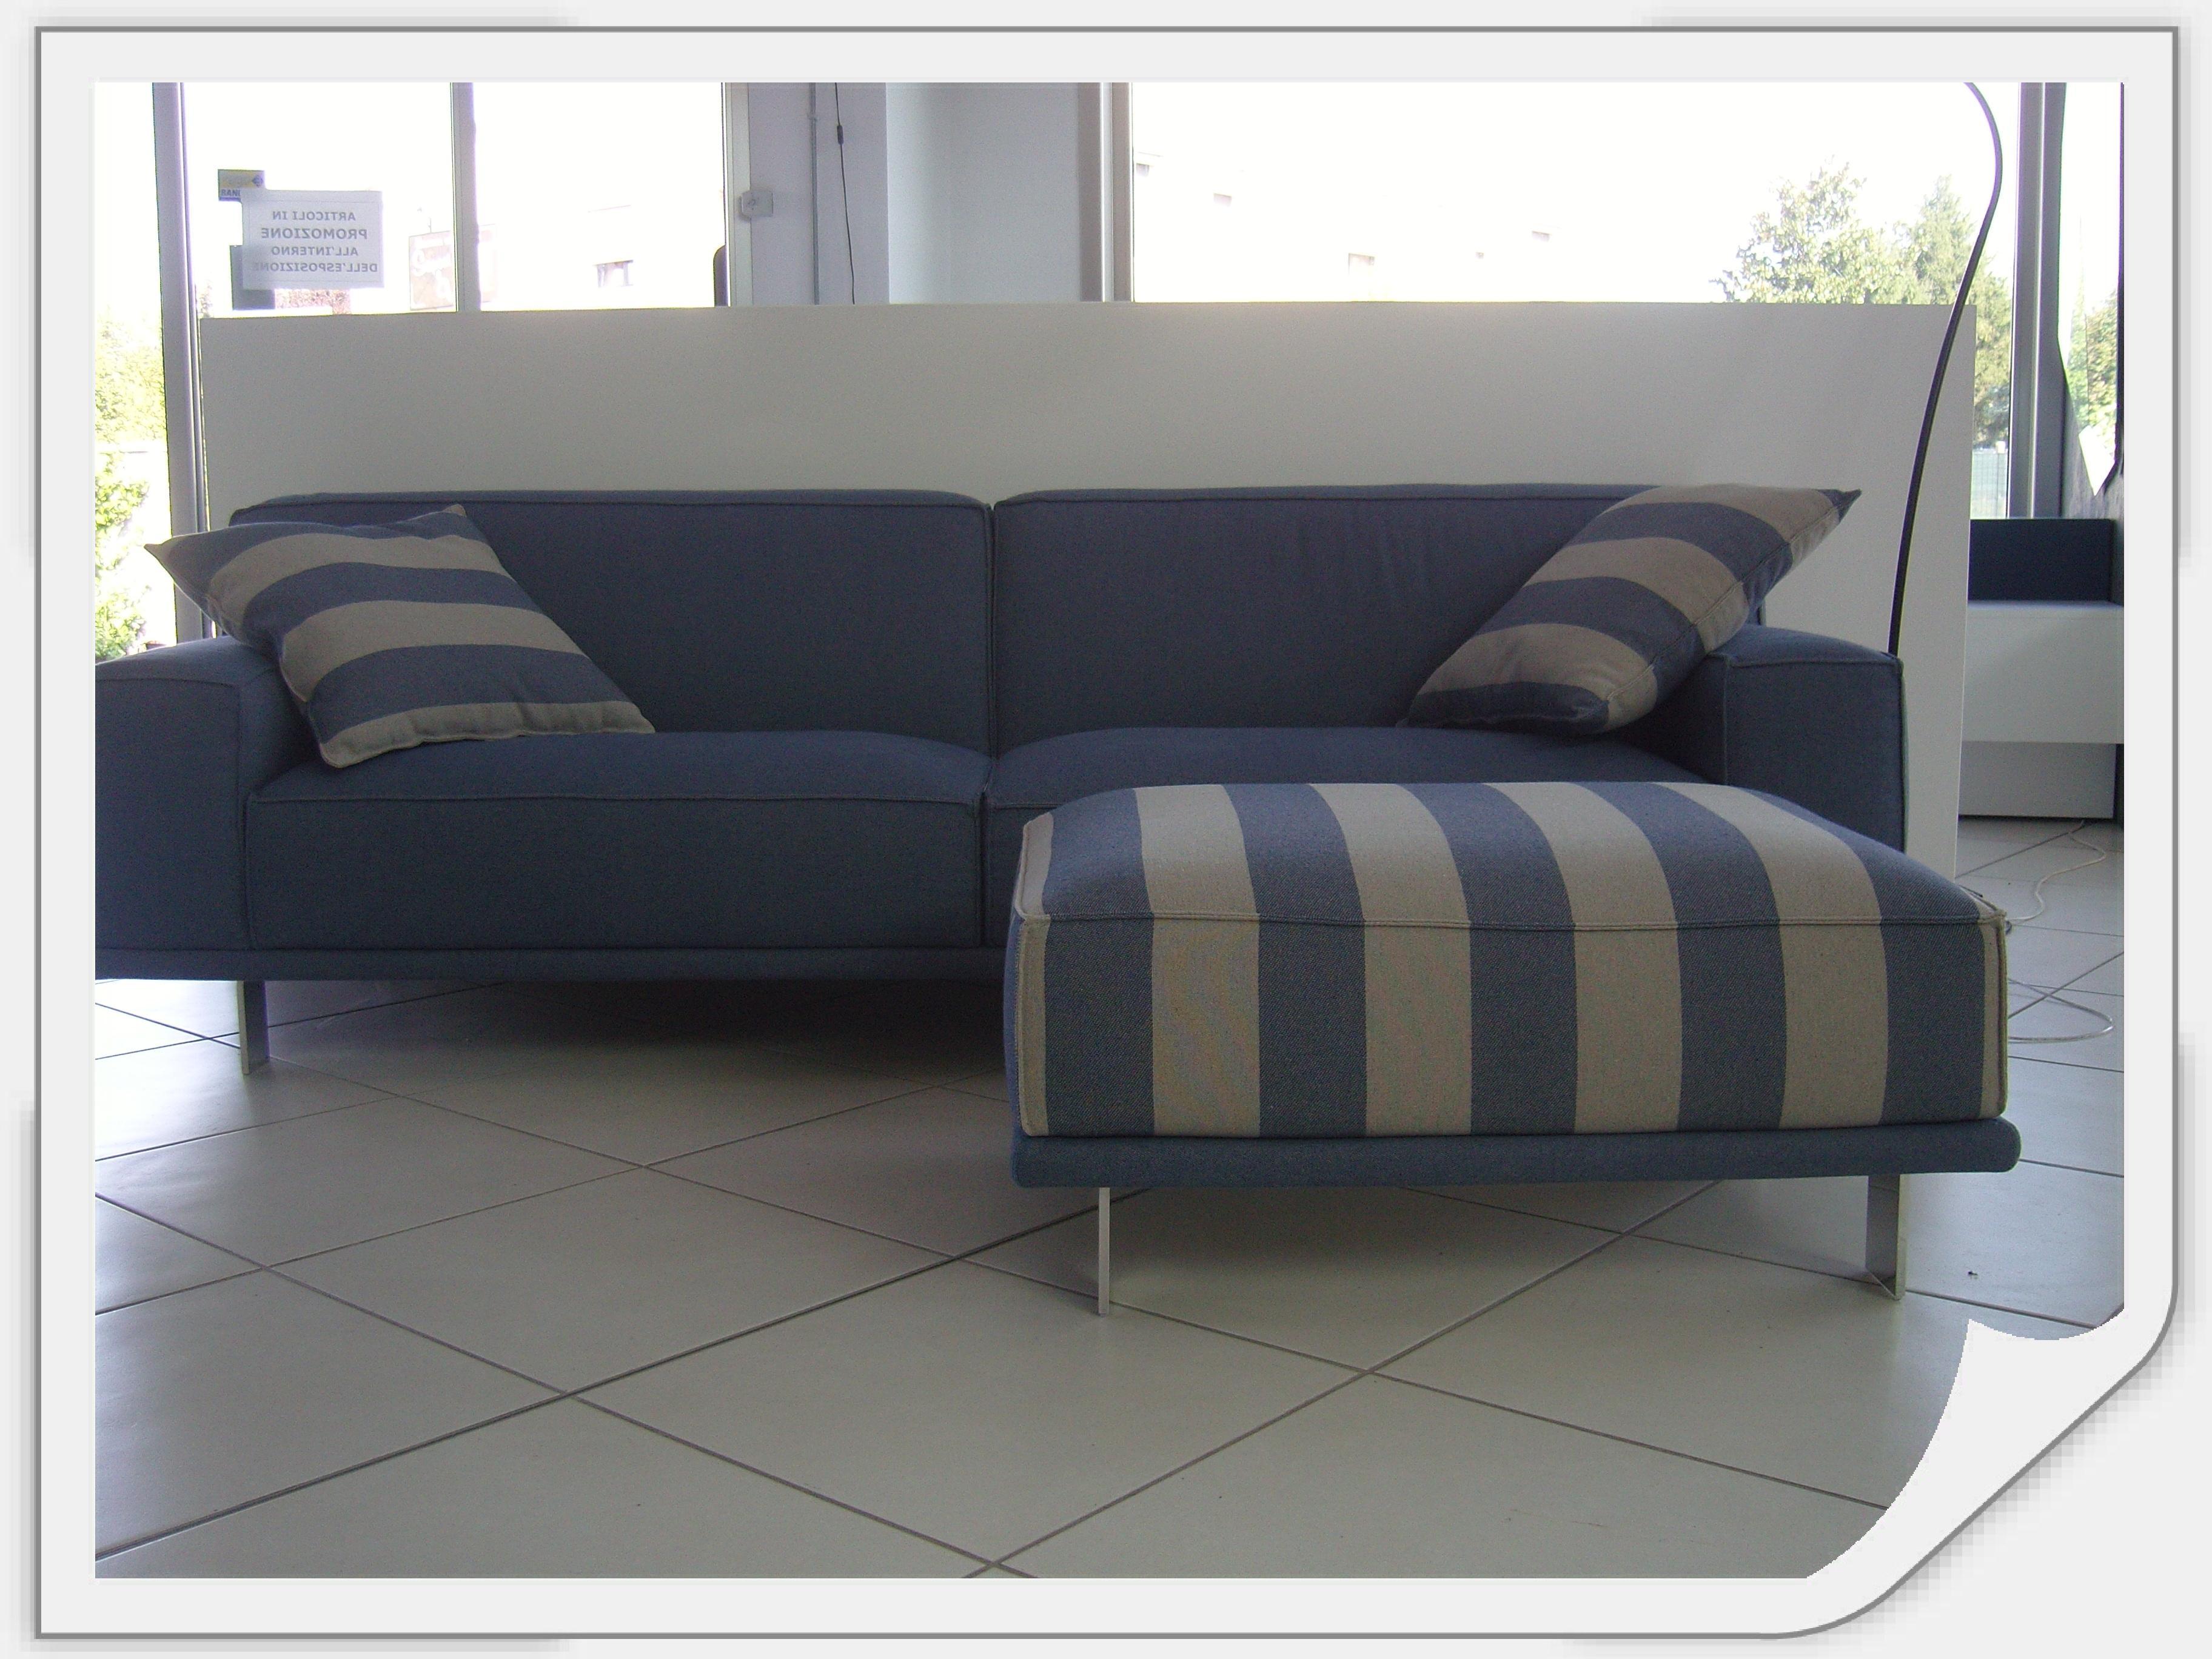 Divano con pouf divani a prezzi scontati - Pouf per divano ...